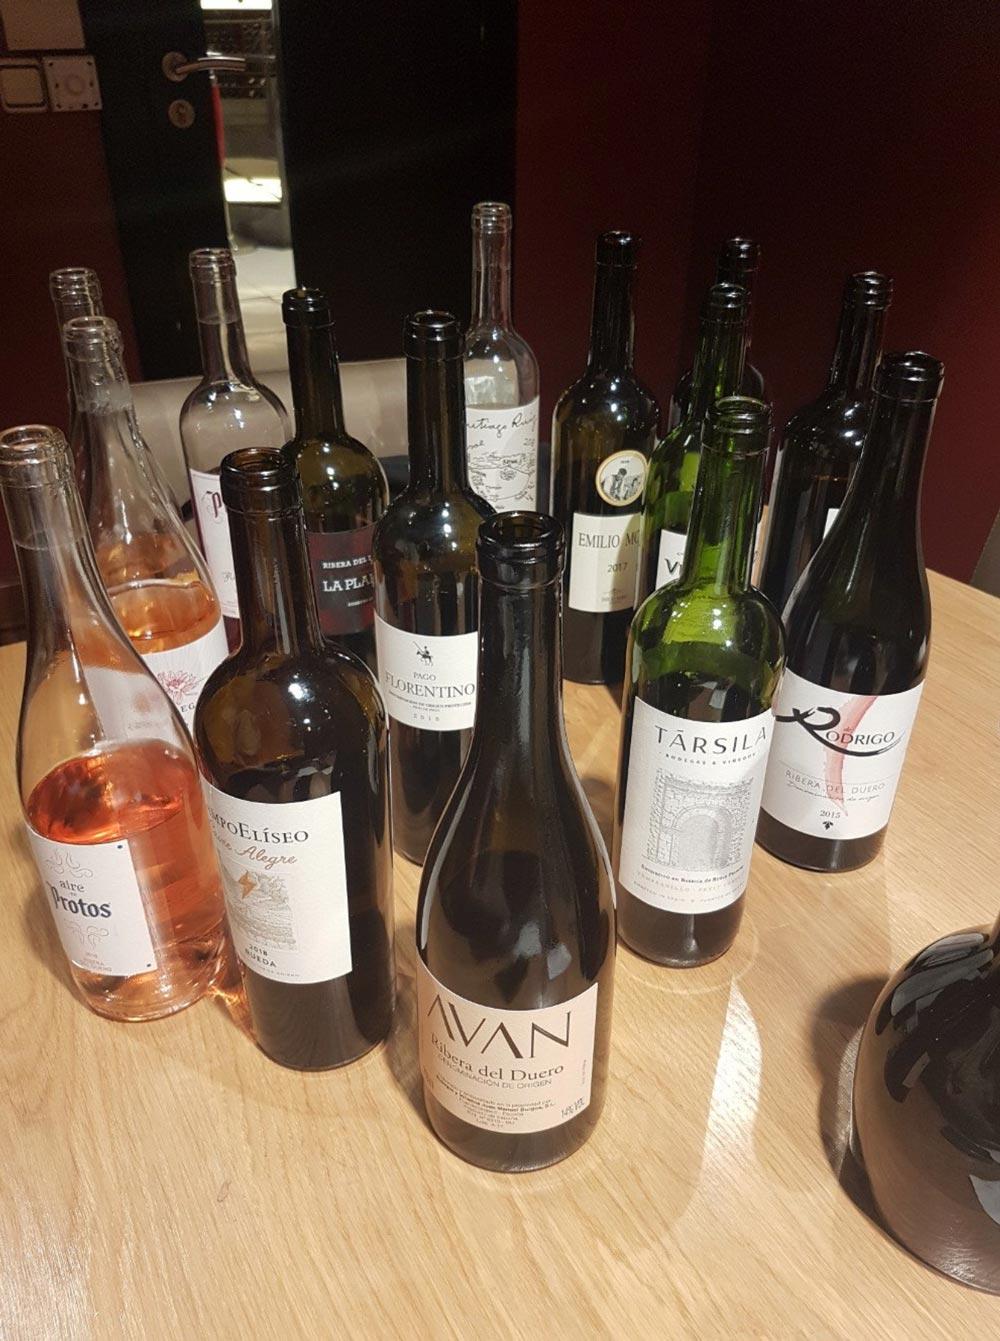 winetasting-el-mundo-lavinia-tarsila.jpg